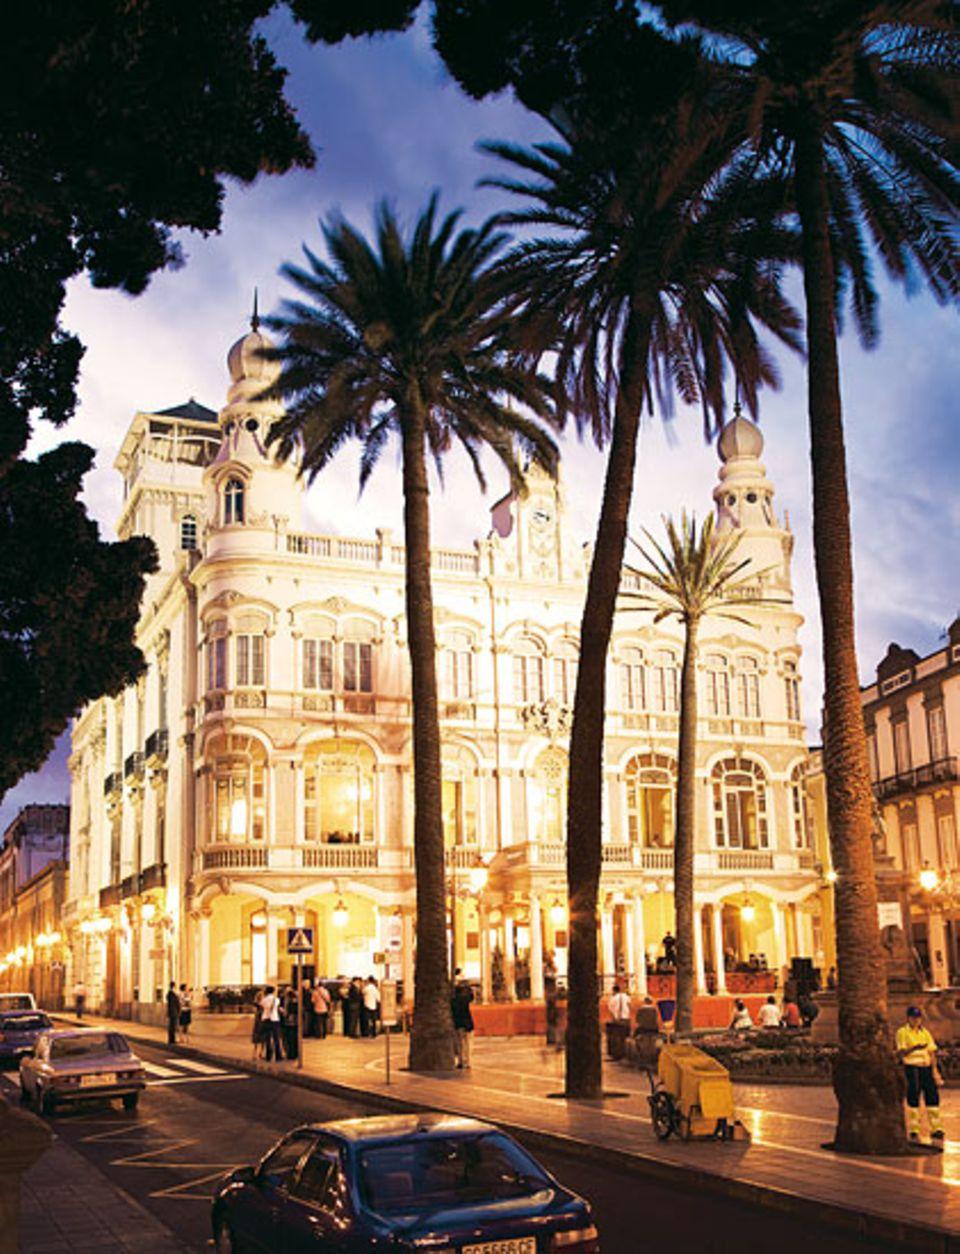 Gabinete Literario: Club, Café, Bibliothek - und eines der schönsten Gebäude in Las Palmas